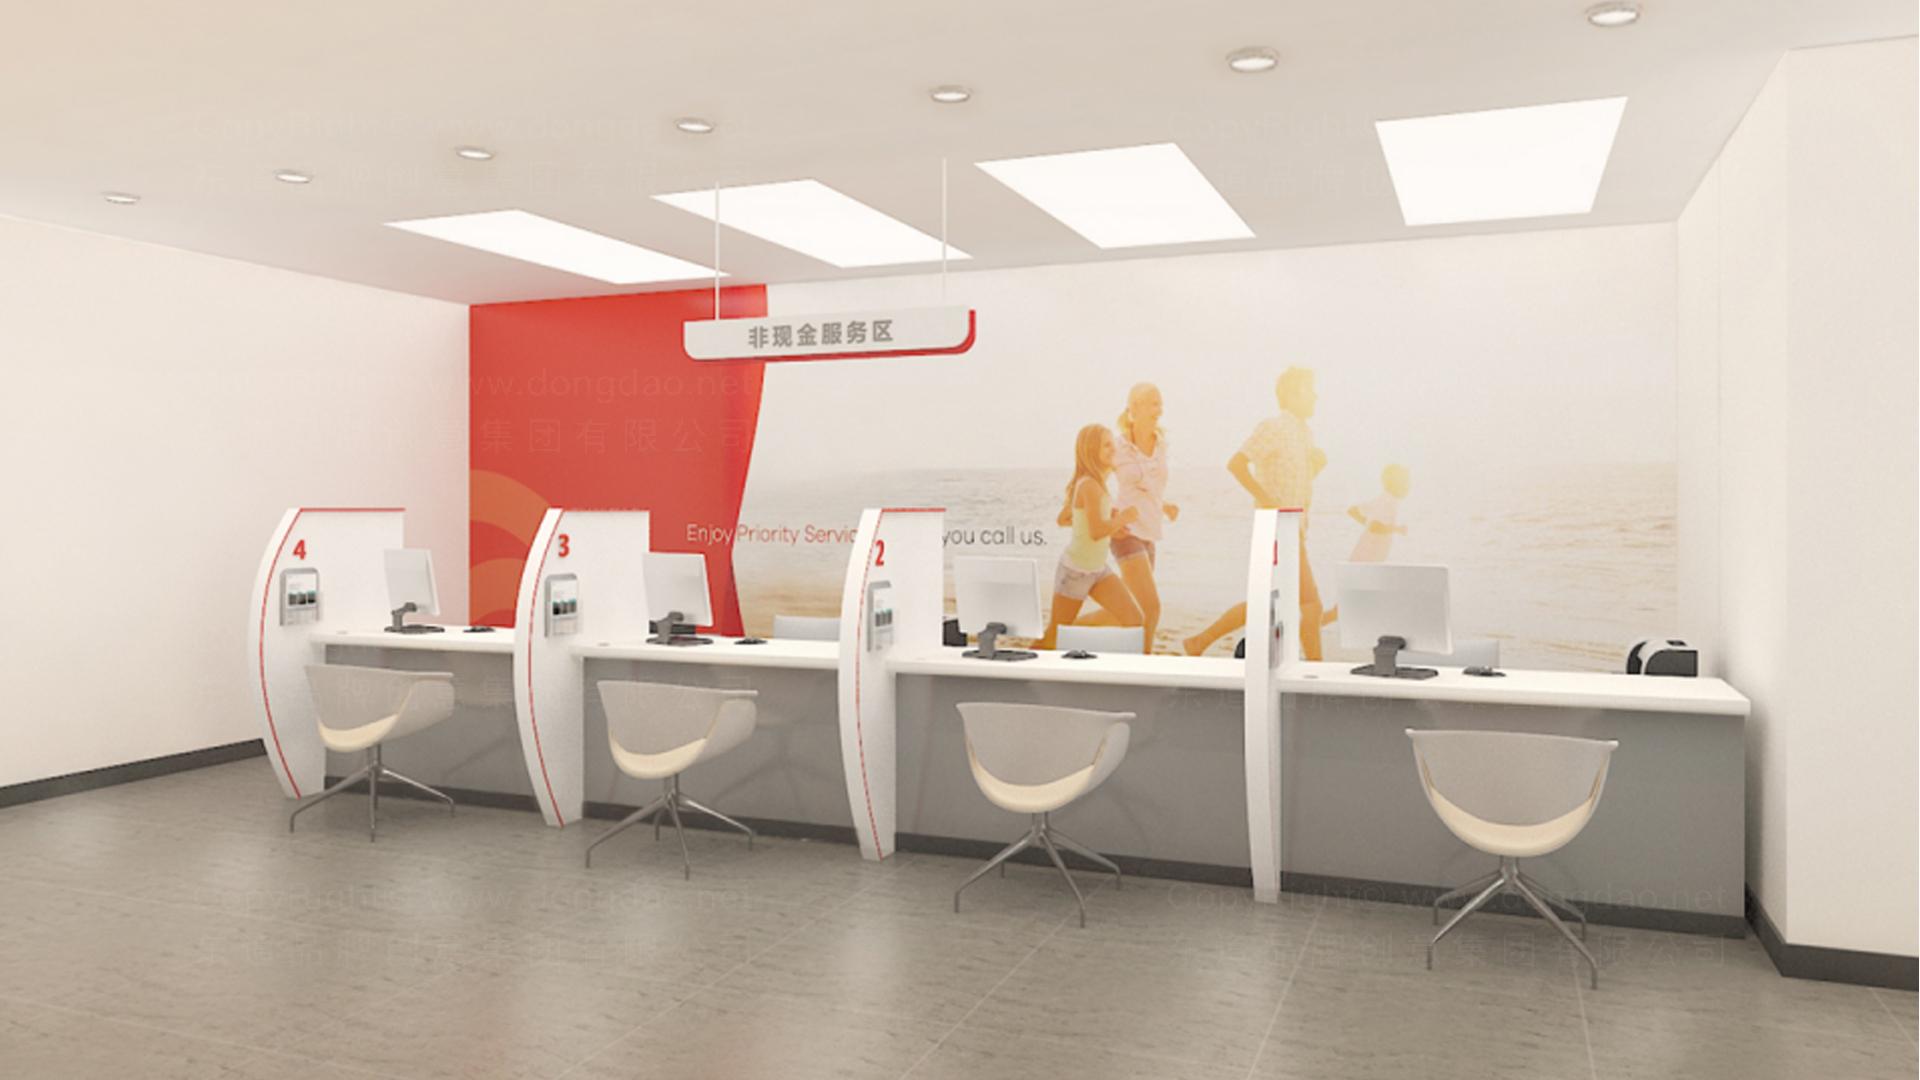 商业空间&导示东莞银行自助网点SI设计应用